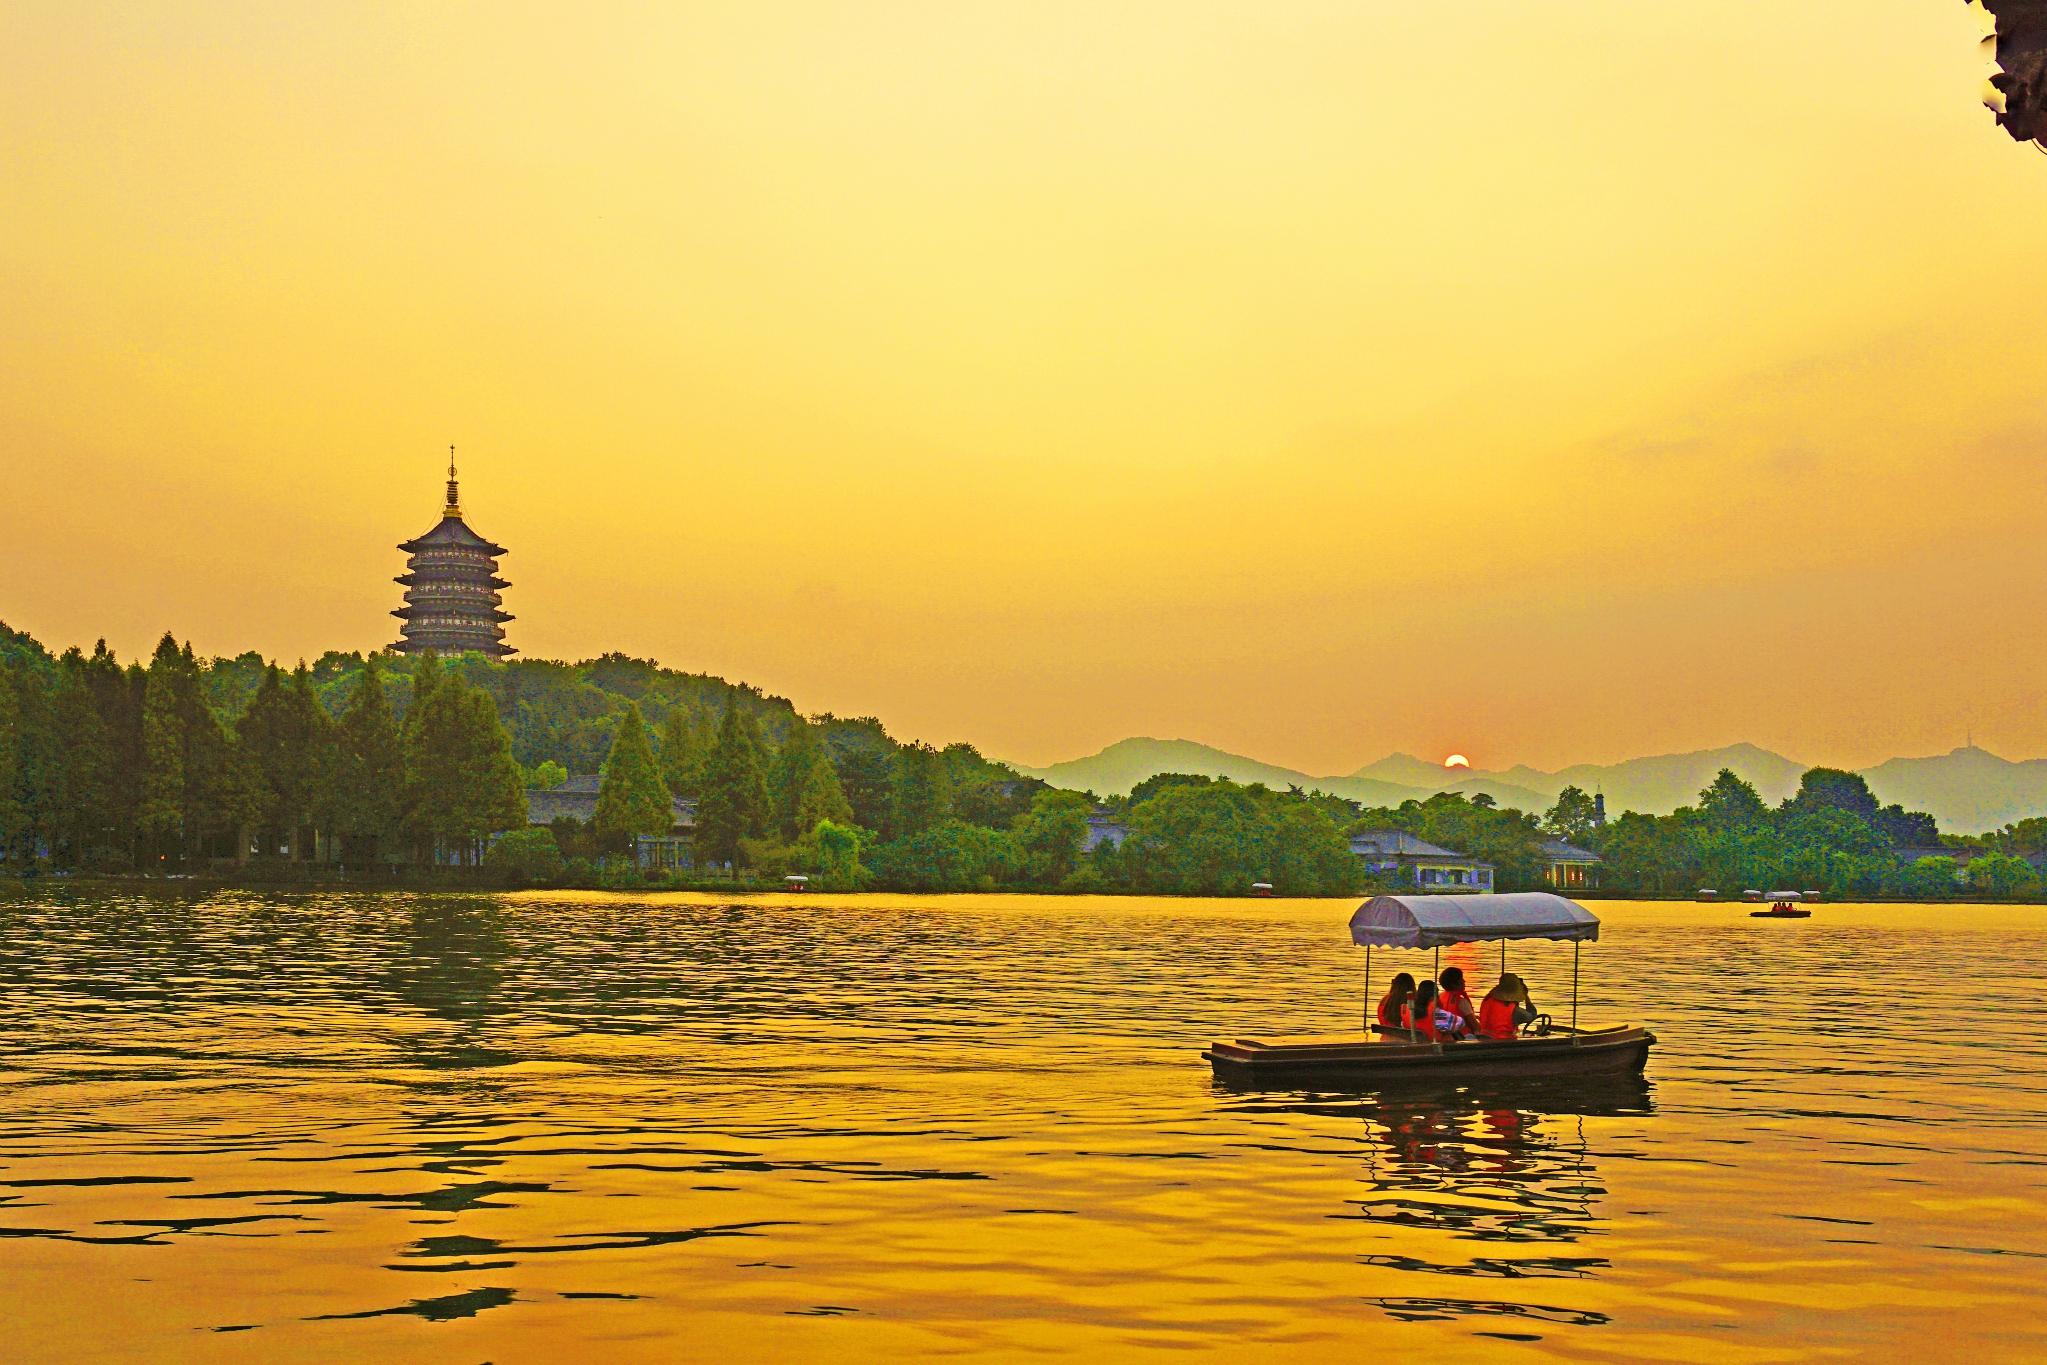 【一城山色半城湖】来杭州感受诗画江南